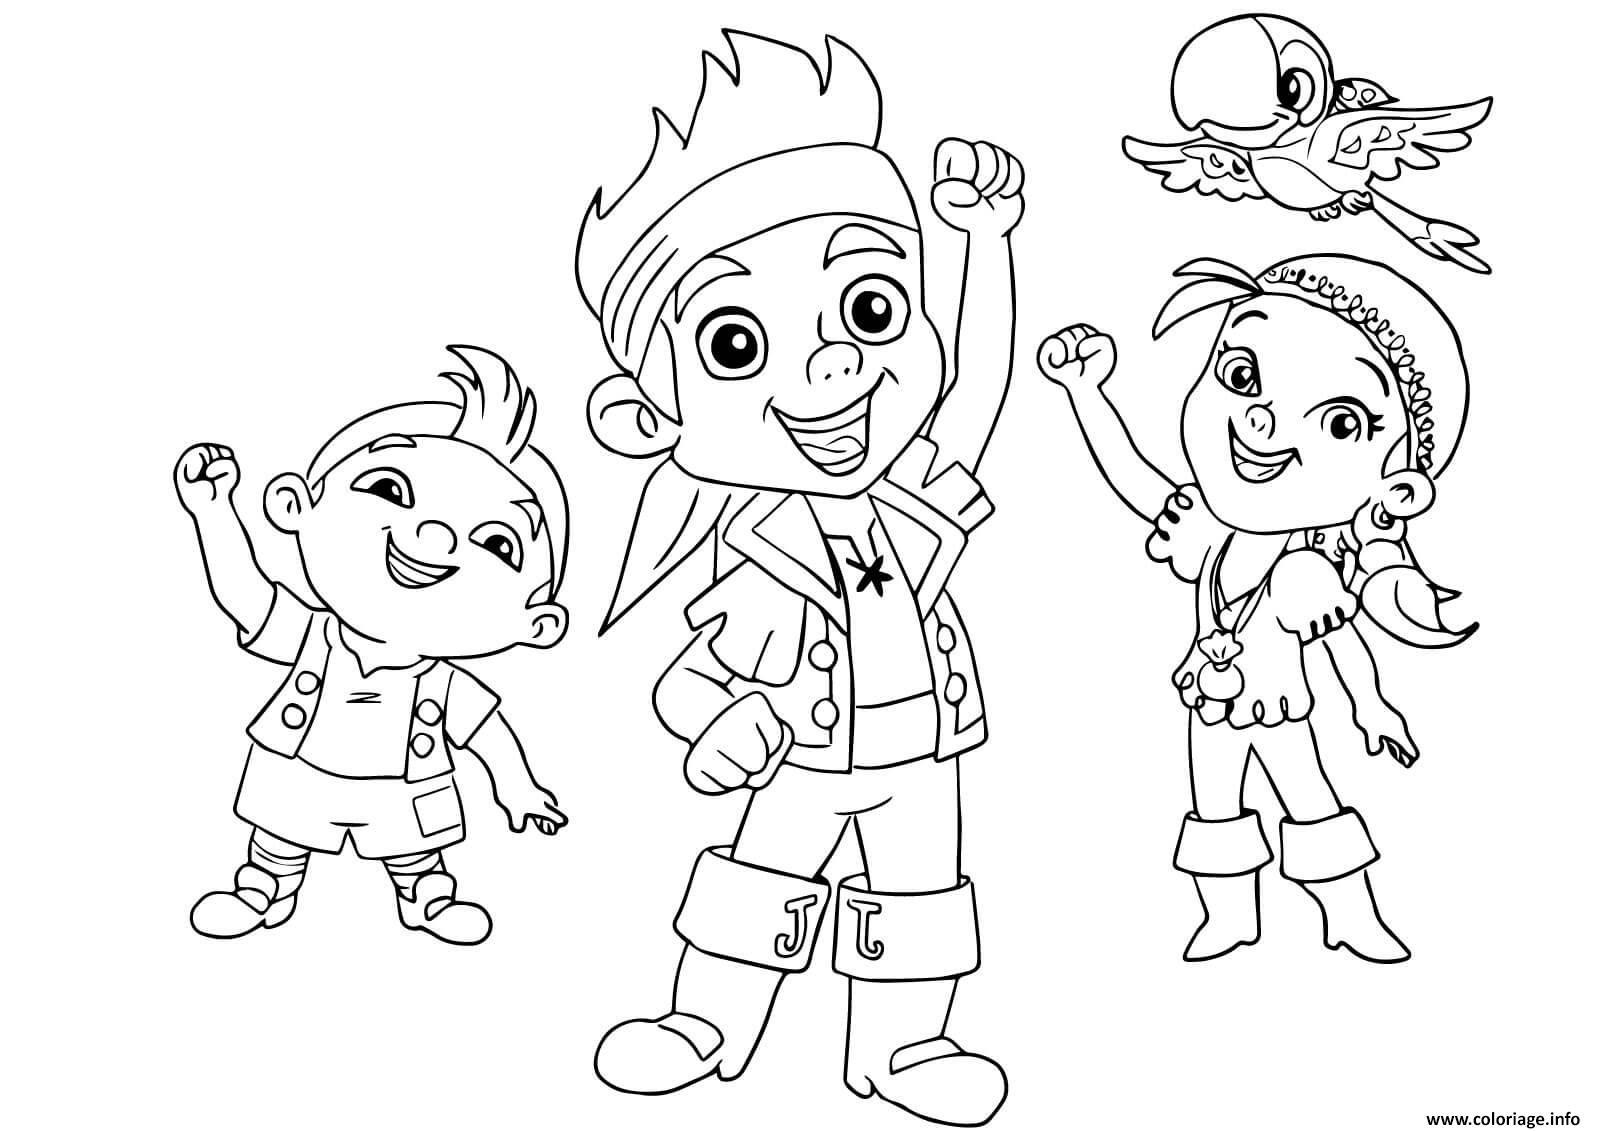 Coloriage Jake Izzy Cubby Et Skully Pirate Enfant Dessin encequiconcerne Dessin A Imprimer De Pirate